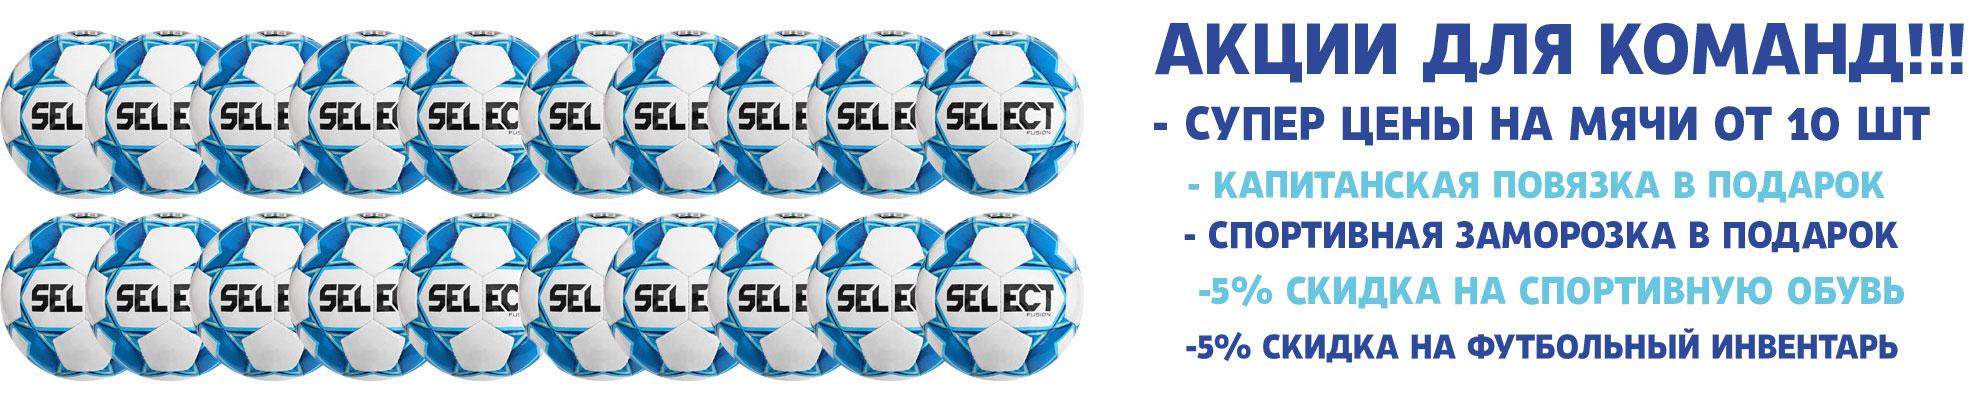 Акции для команд по футбольным и футзальным мячам